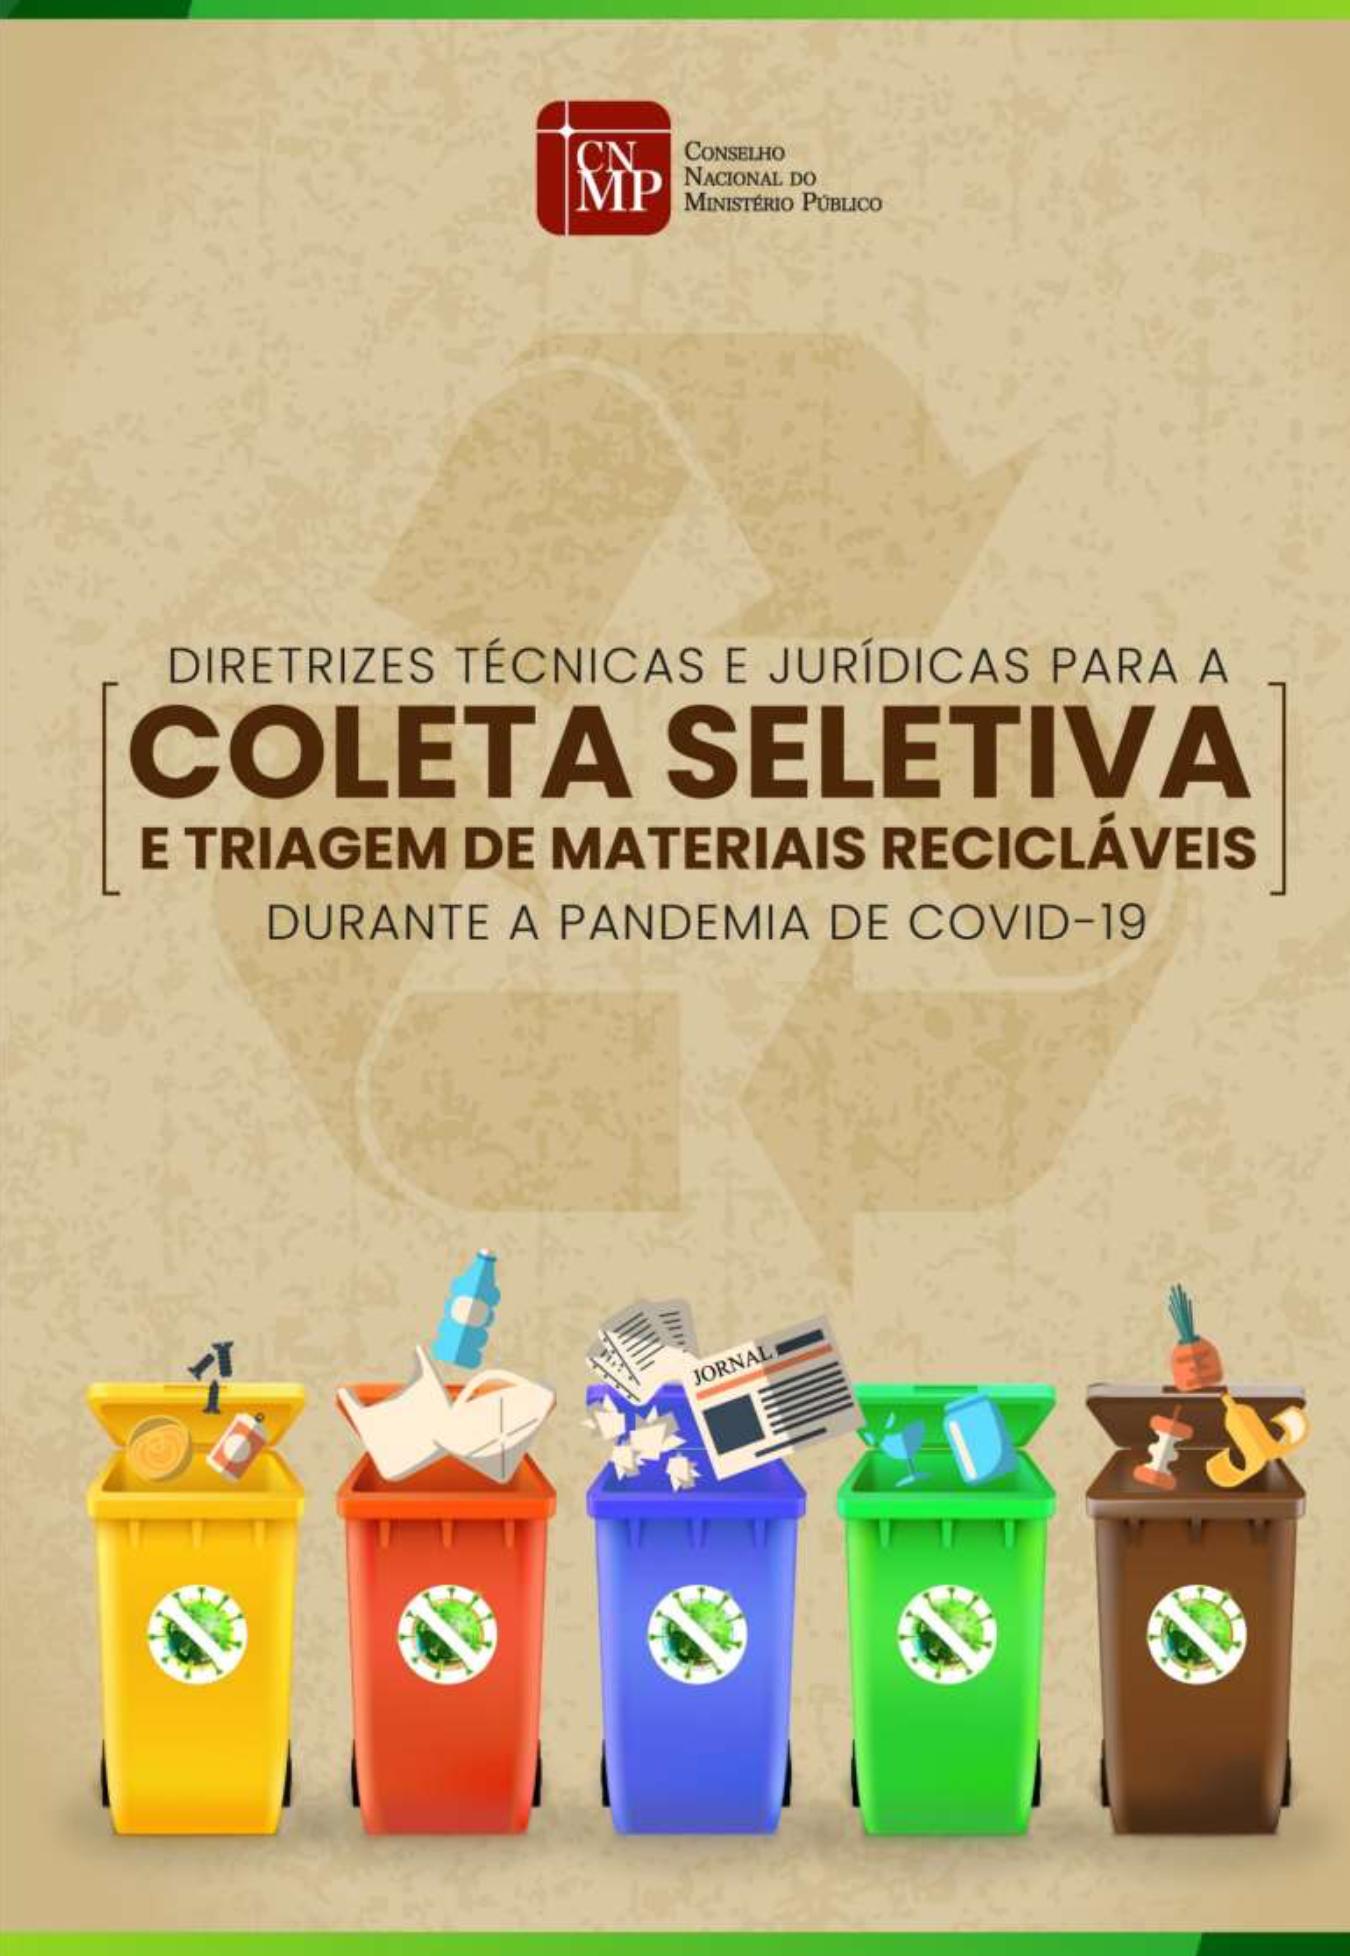 Diretrizes técnicas e jurídicas para a coleta seletiva e triagem de materiais recicláveis durante a pandemia de Covid-19